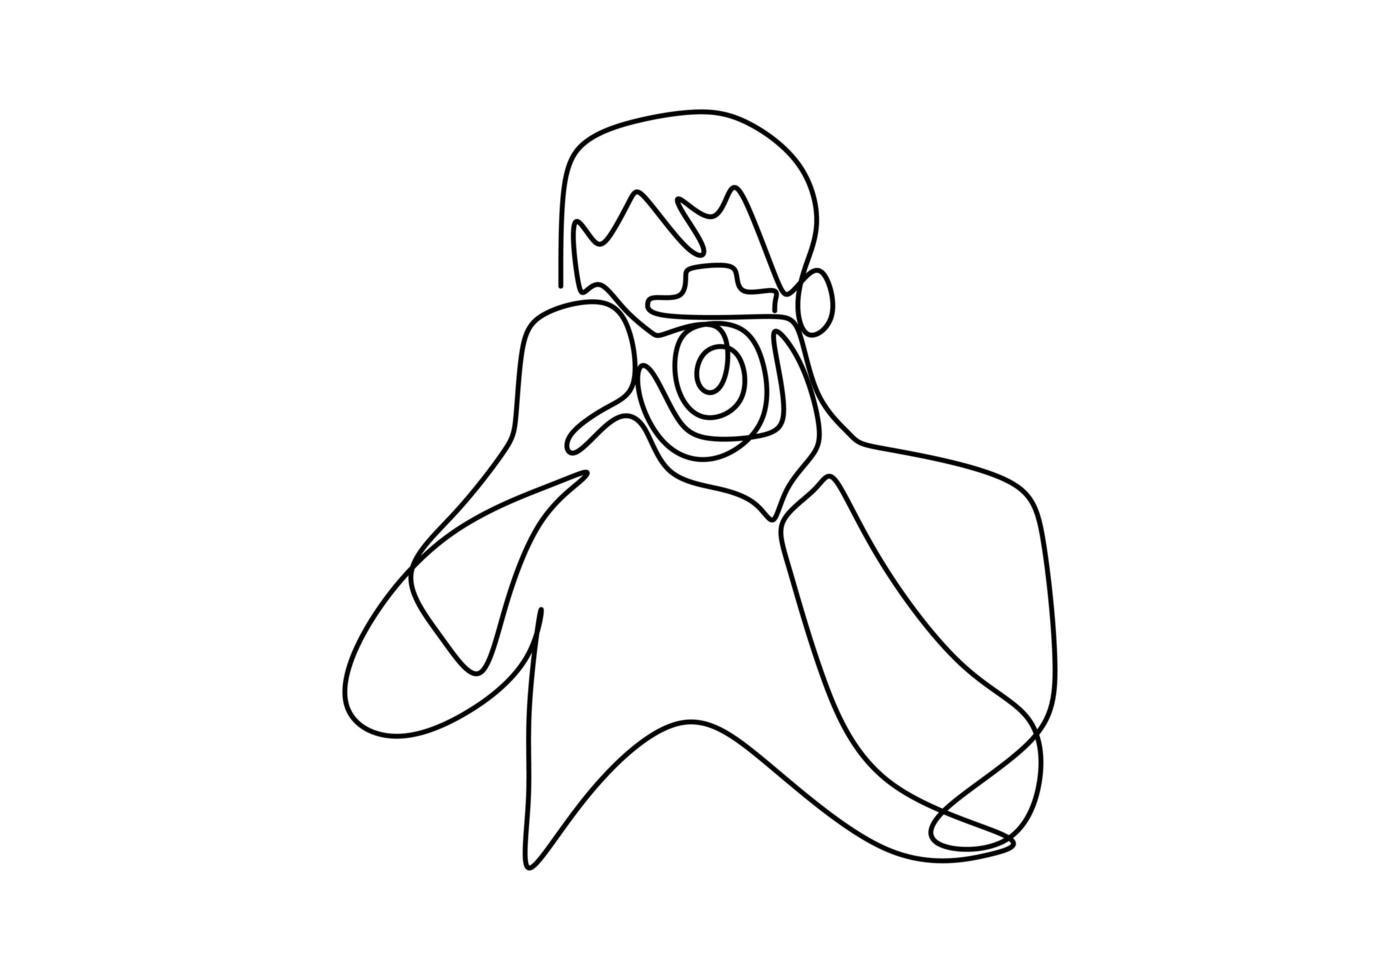 man fotograaf met een camera maakt buiten foto's. doorlopende lijntekening van een zwarte omtrek van een journalist of fotograaf op het werk. voor animatie. vector zwart-wit, tekening door lijnen.